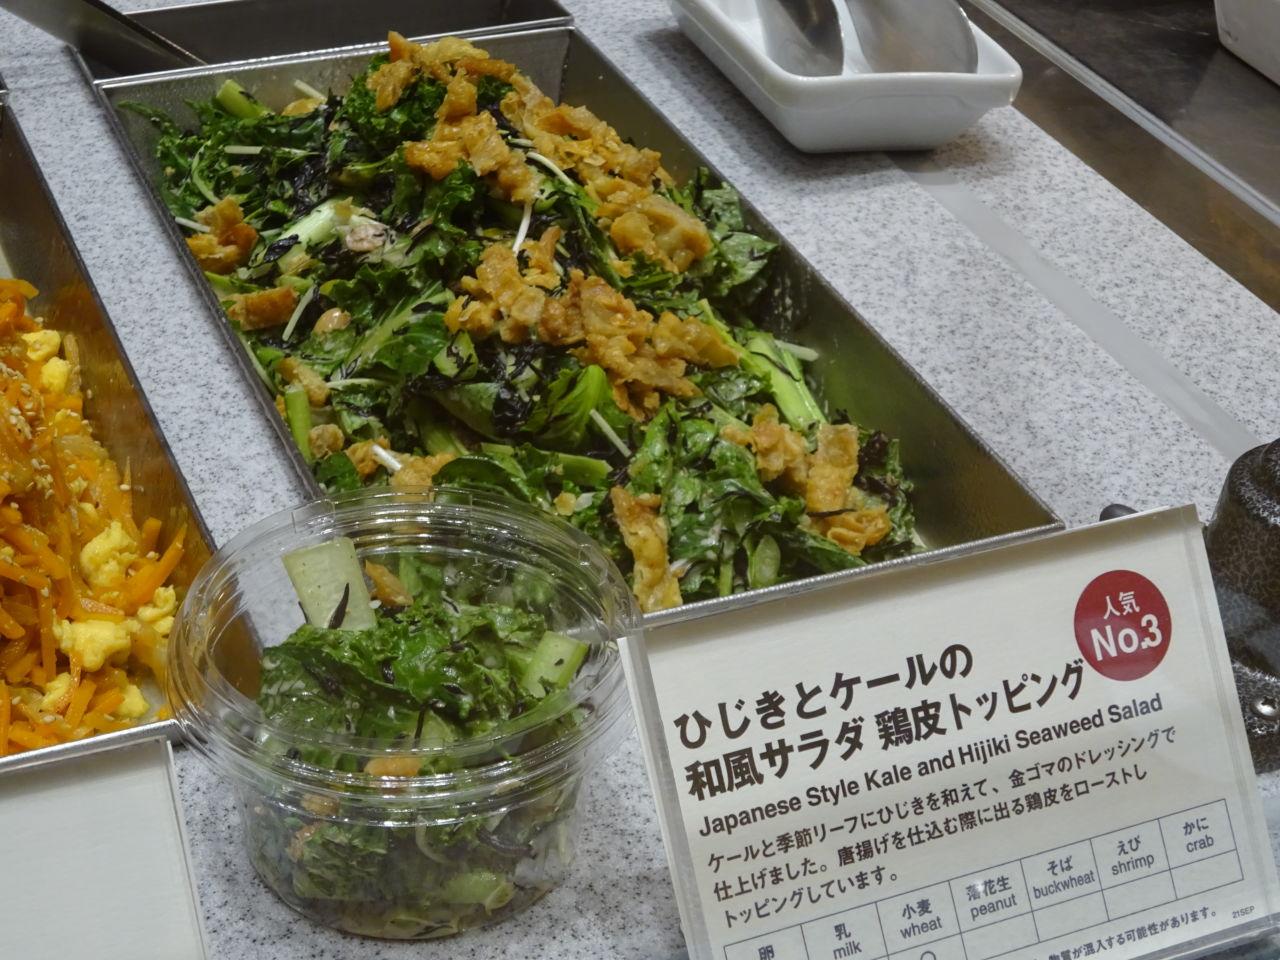 「Café&Meal MUJI」では、フードロスを削減するため、鶏のから揚げをつくる際に余った皮を混ぜ込んだサラダなどの新メニューも取り扱う